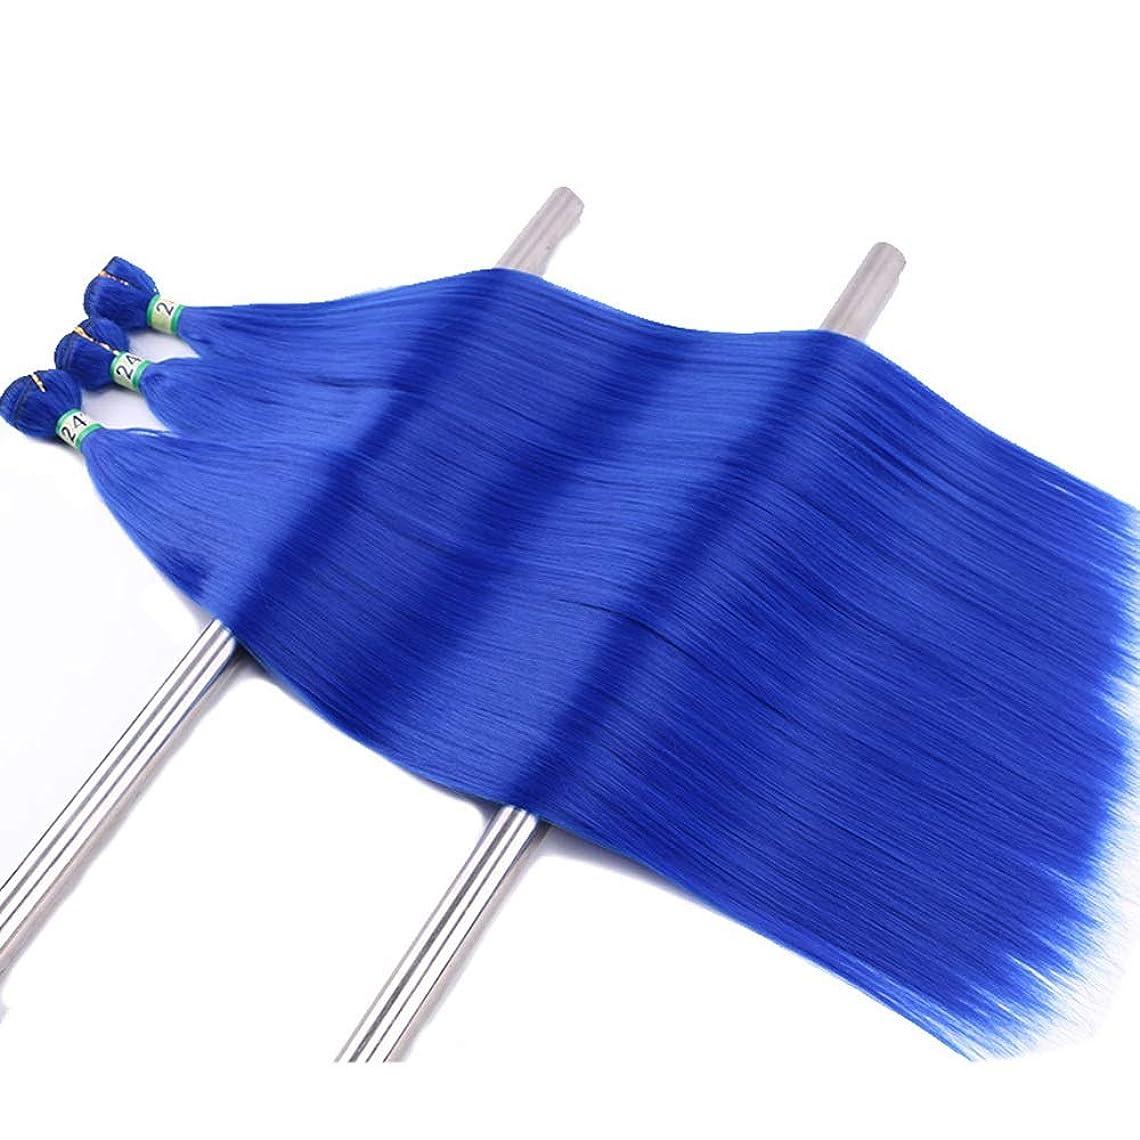 実装するどこにでもせがむHOHYLLYA 3バンドルブルーストレート人工毛ウィーブヘアカーテン16インチ100グラム/バンドルかつらパーティーかつら (色 : ブルー, サイズ : 22 inch)